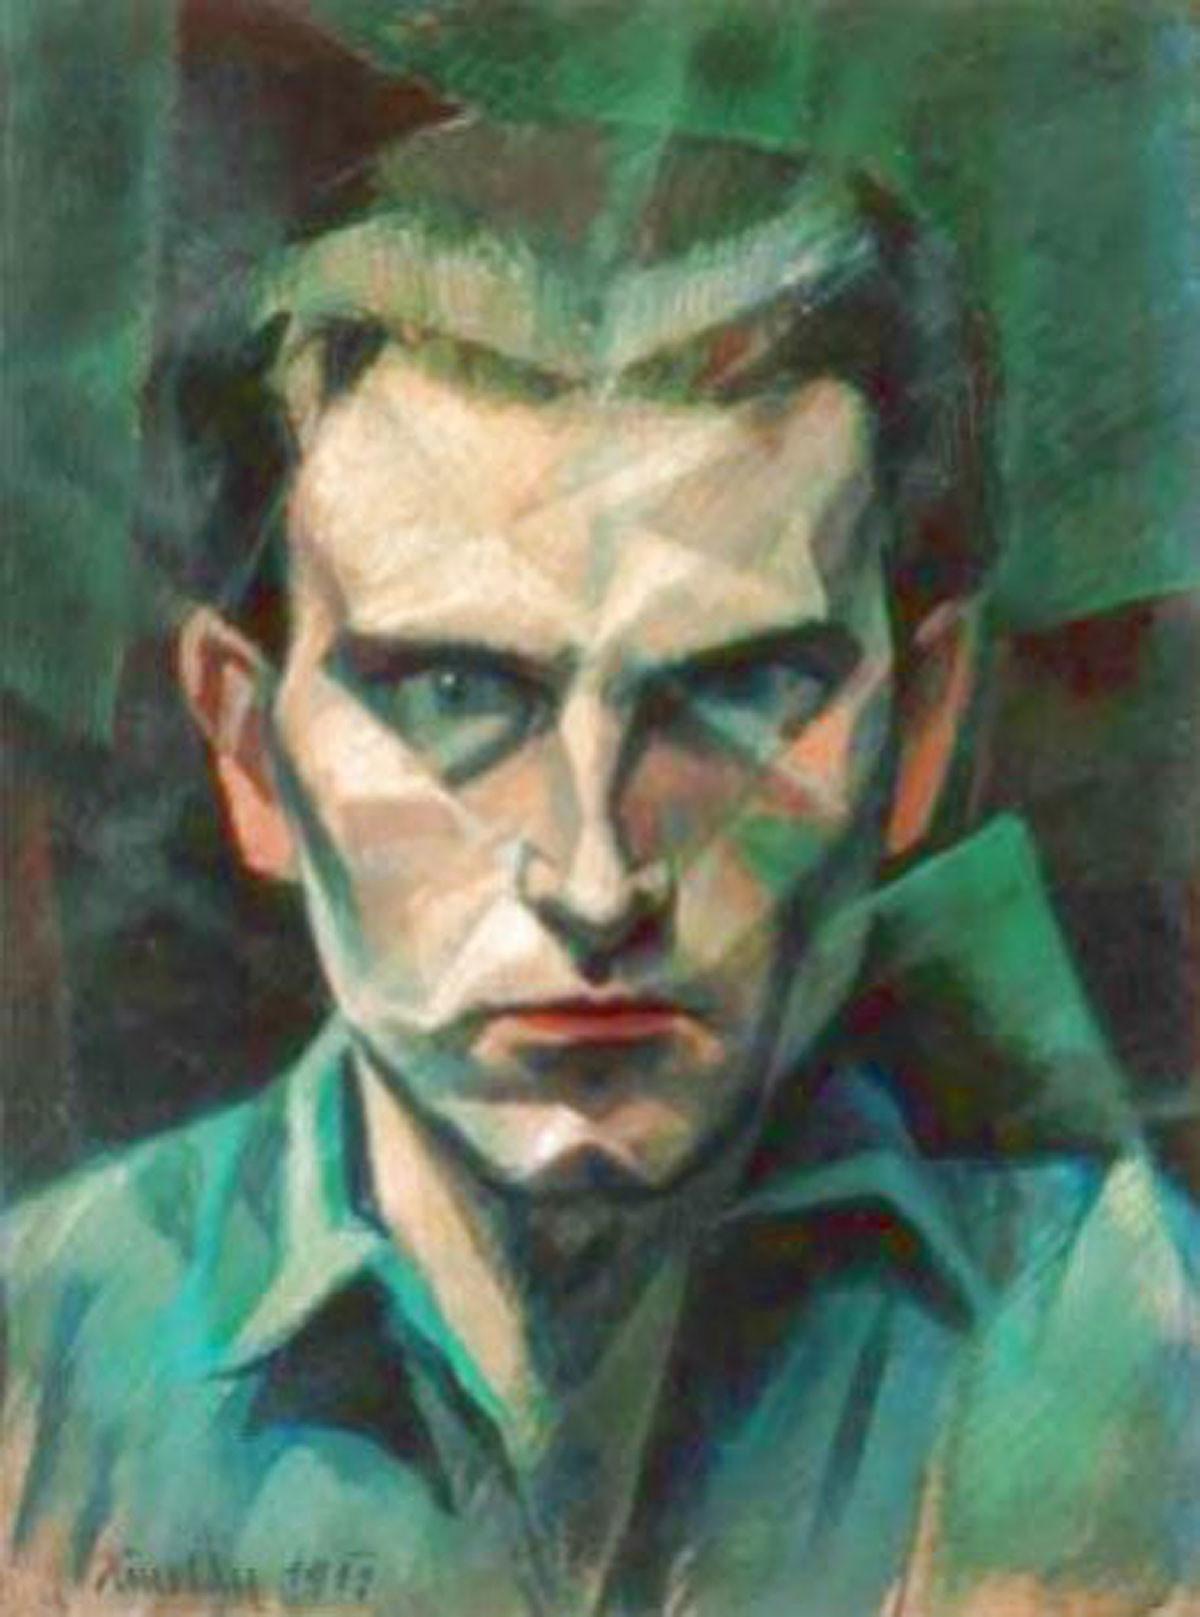 A művész számos önarcképet készített